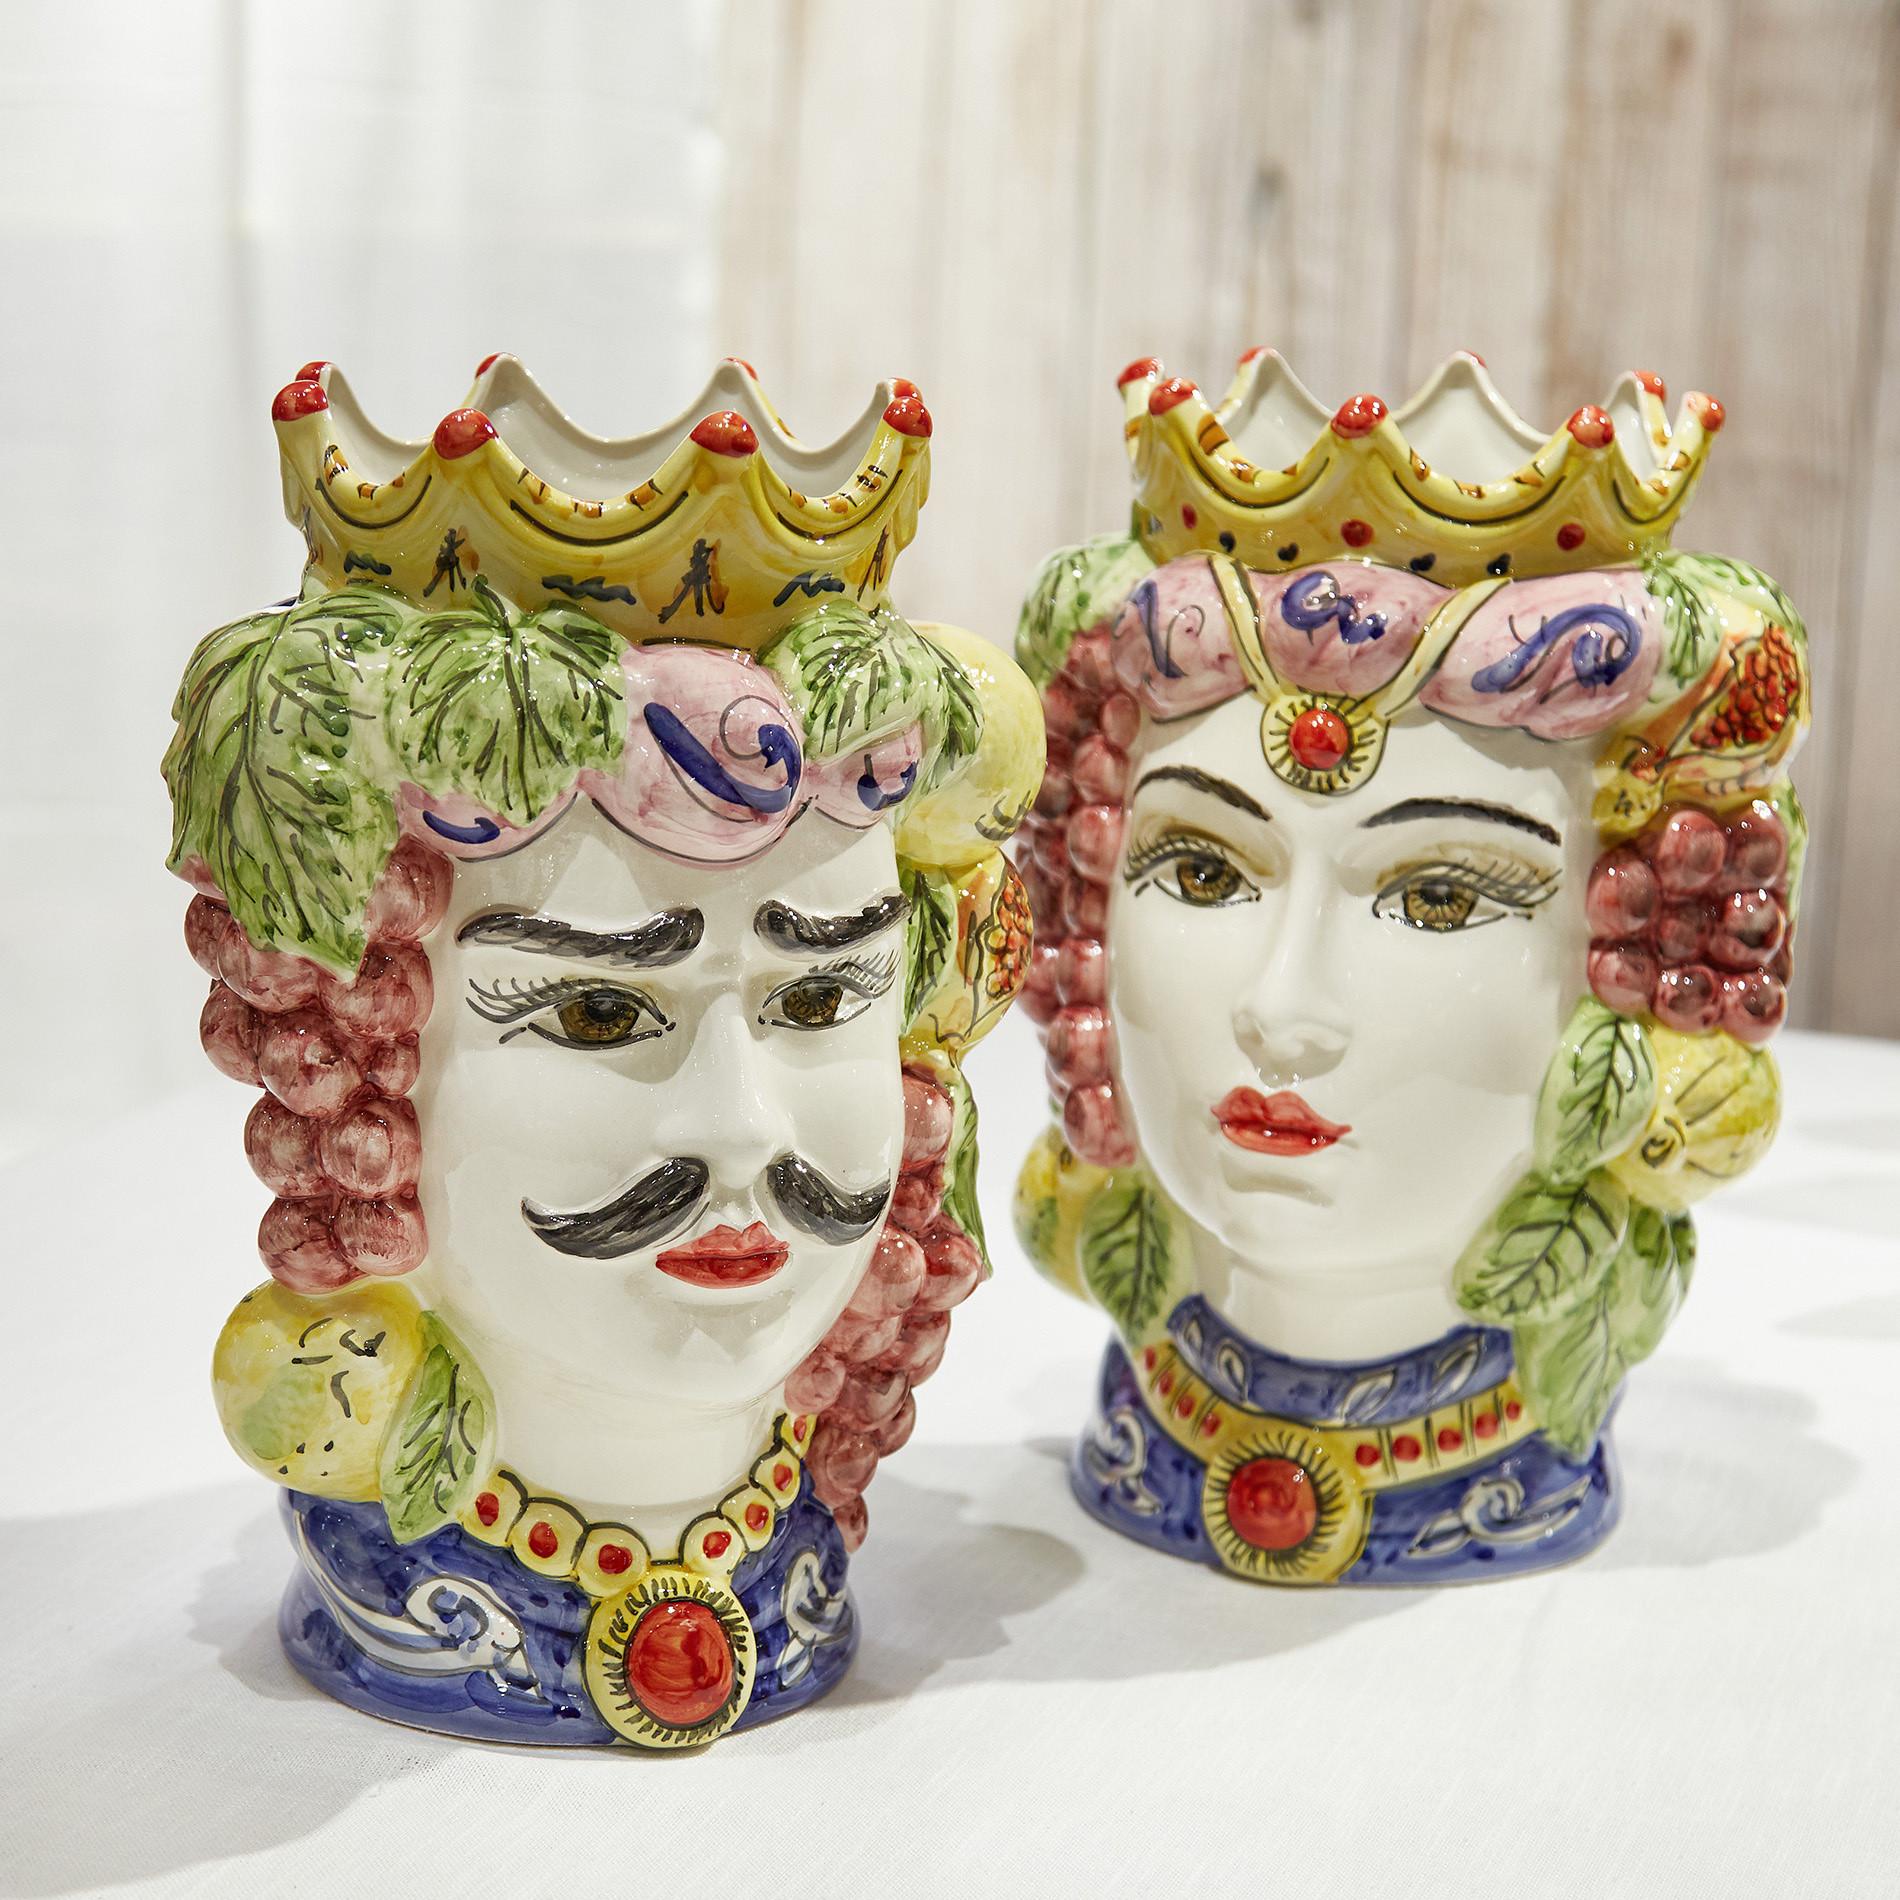 Testa di moro tradizionale by Ceramiche Siciliane Ruggeri, Multicolor, large image number 5